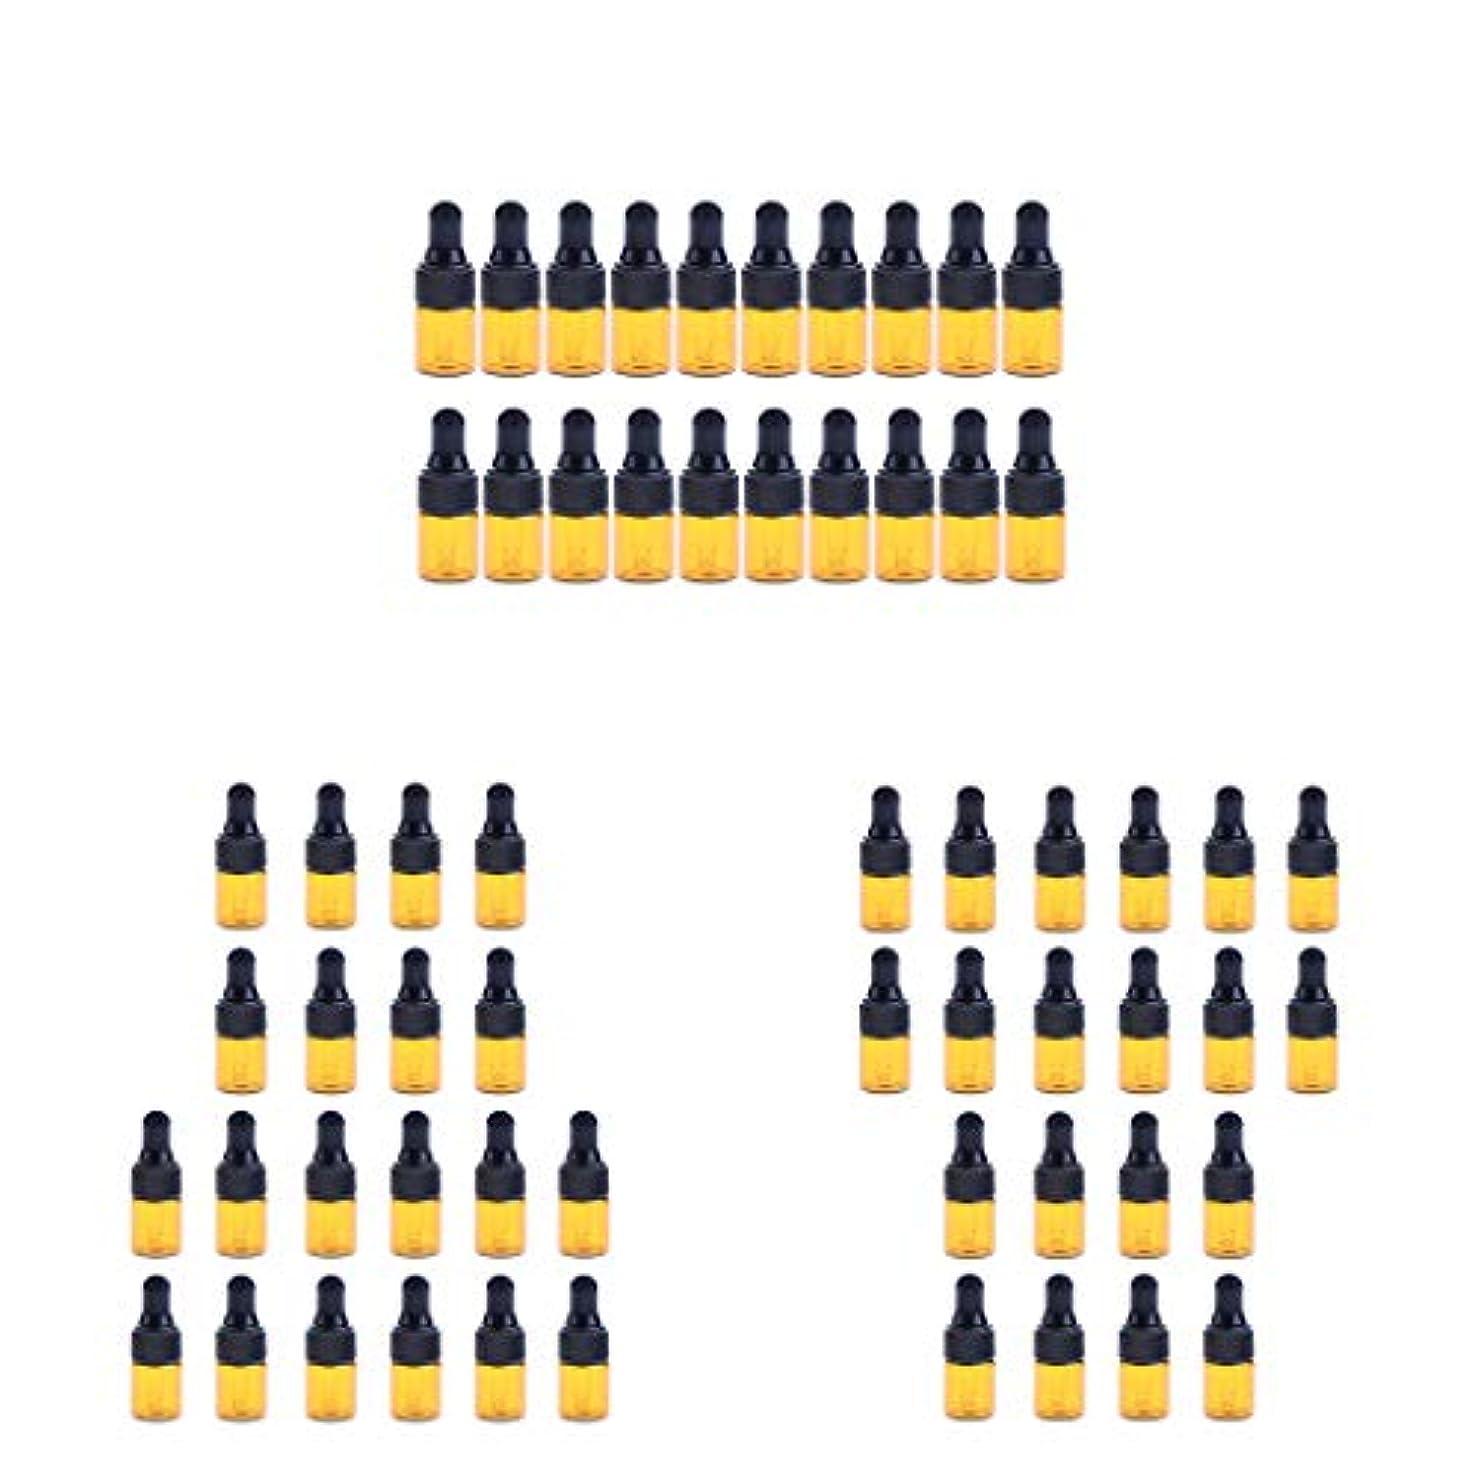 舗装信頼性代わりにHellery エッセンシャルオイル ボトル ガラスボトル スポイト 茶色 遮光ボトル 精油ボトル